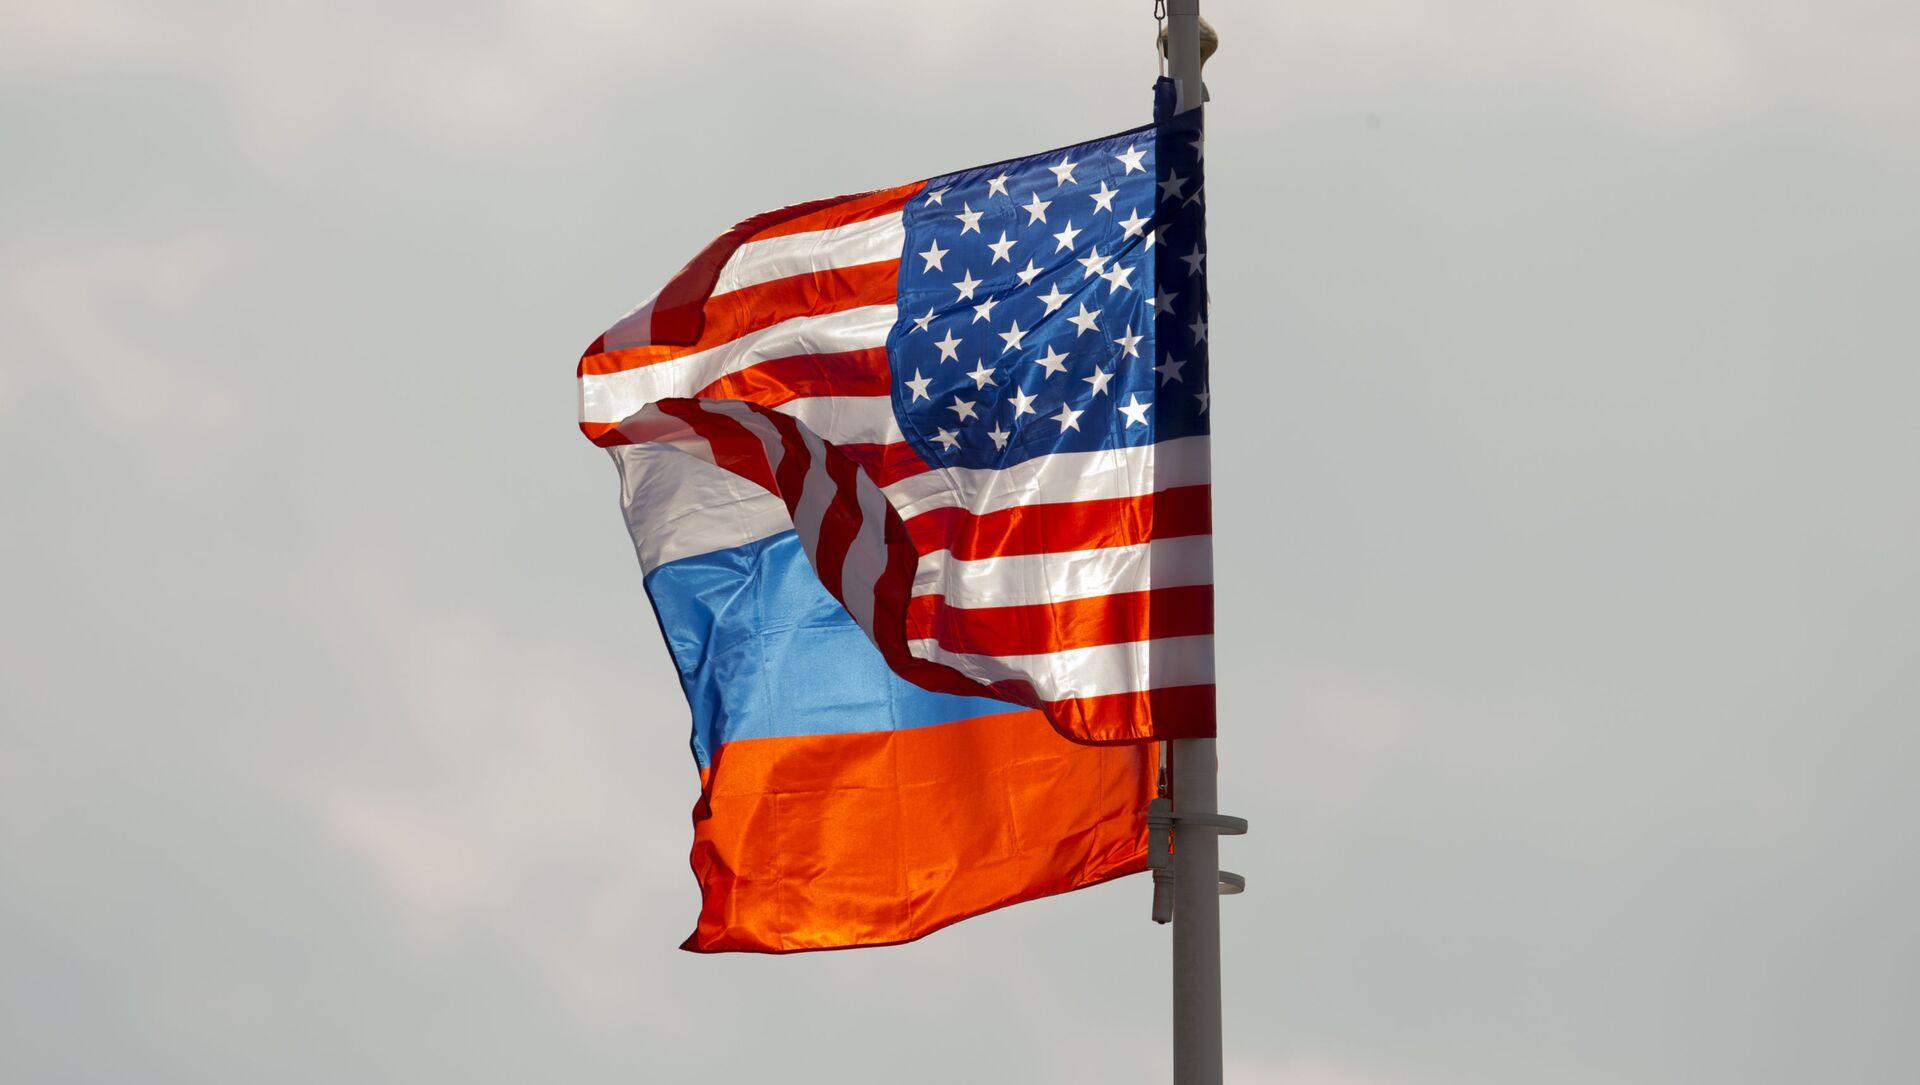 Les drapeaux russe et américain - Sputnik France, 1920, 16.06.2021